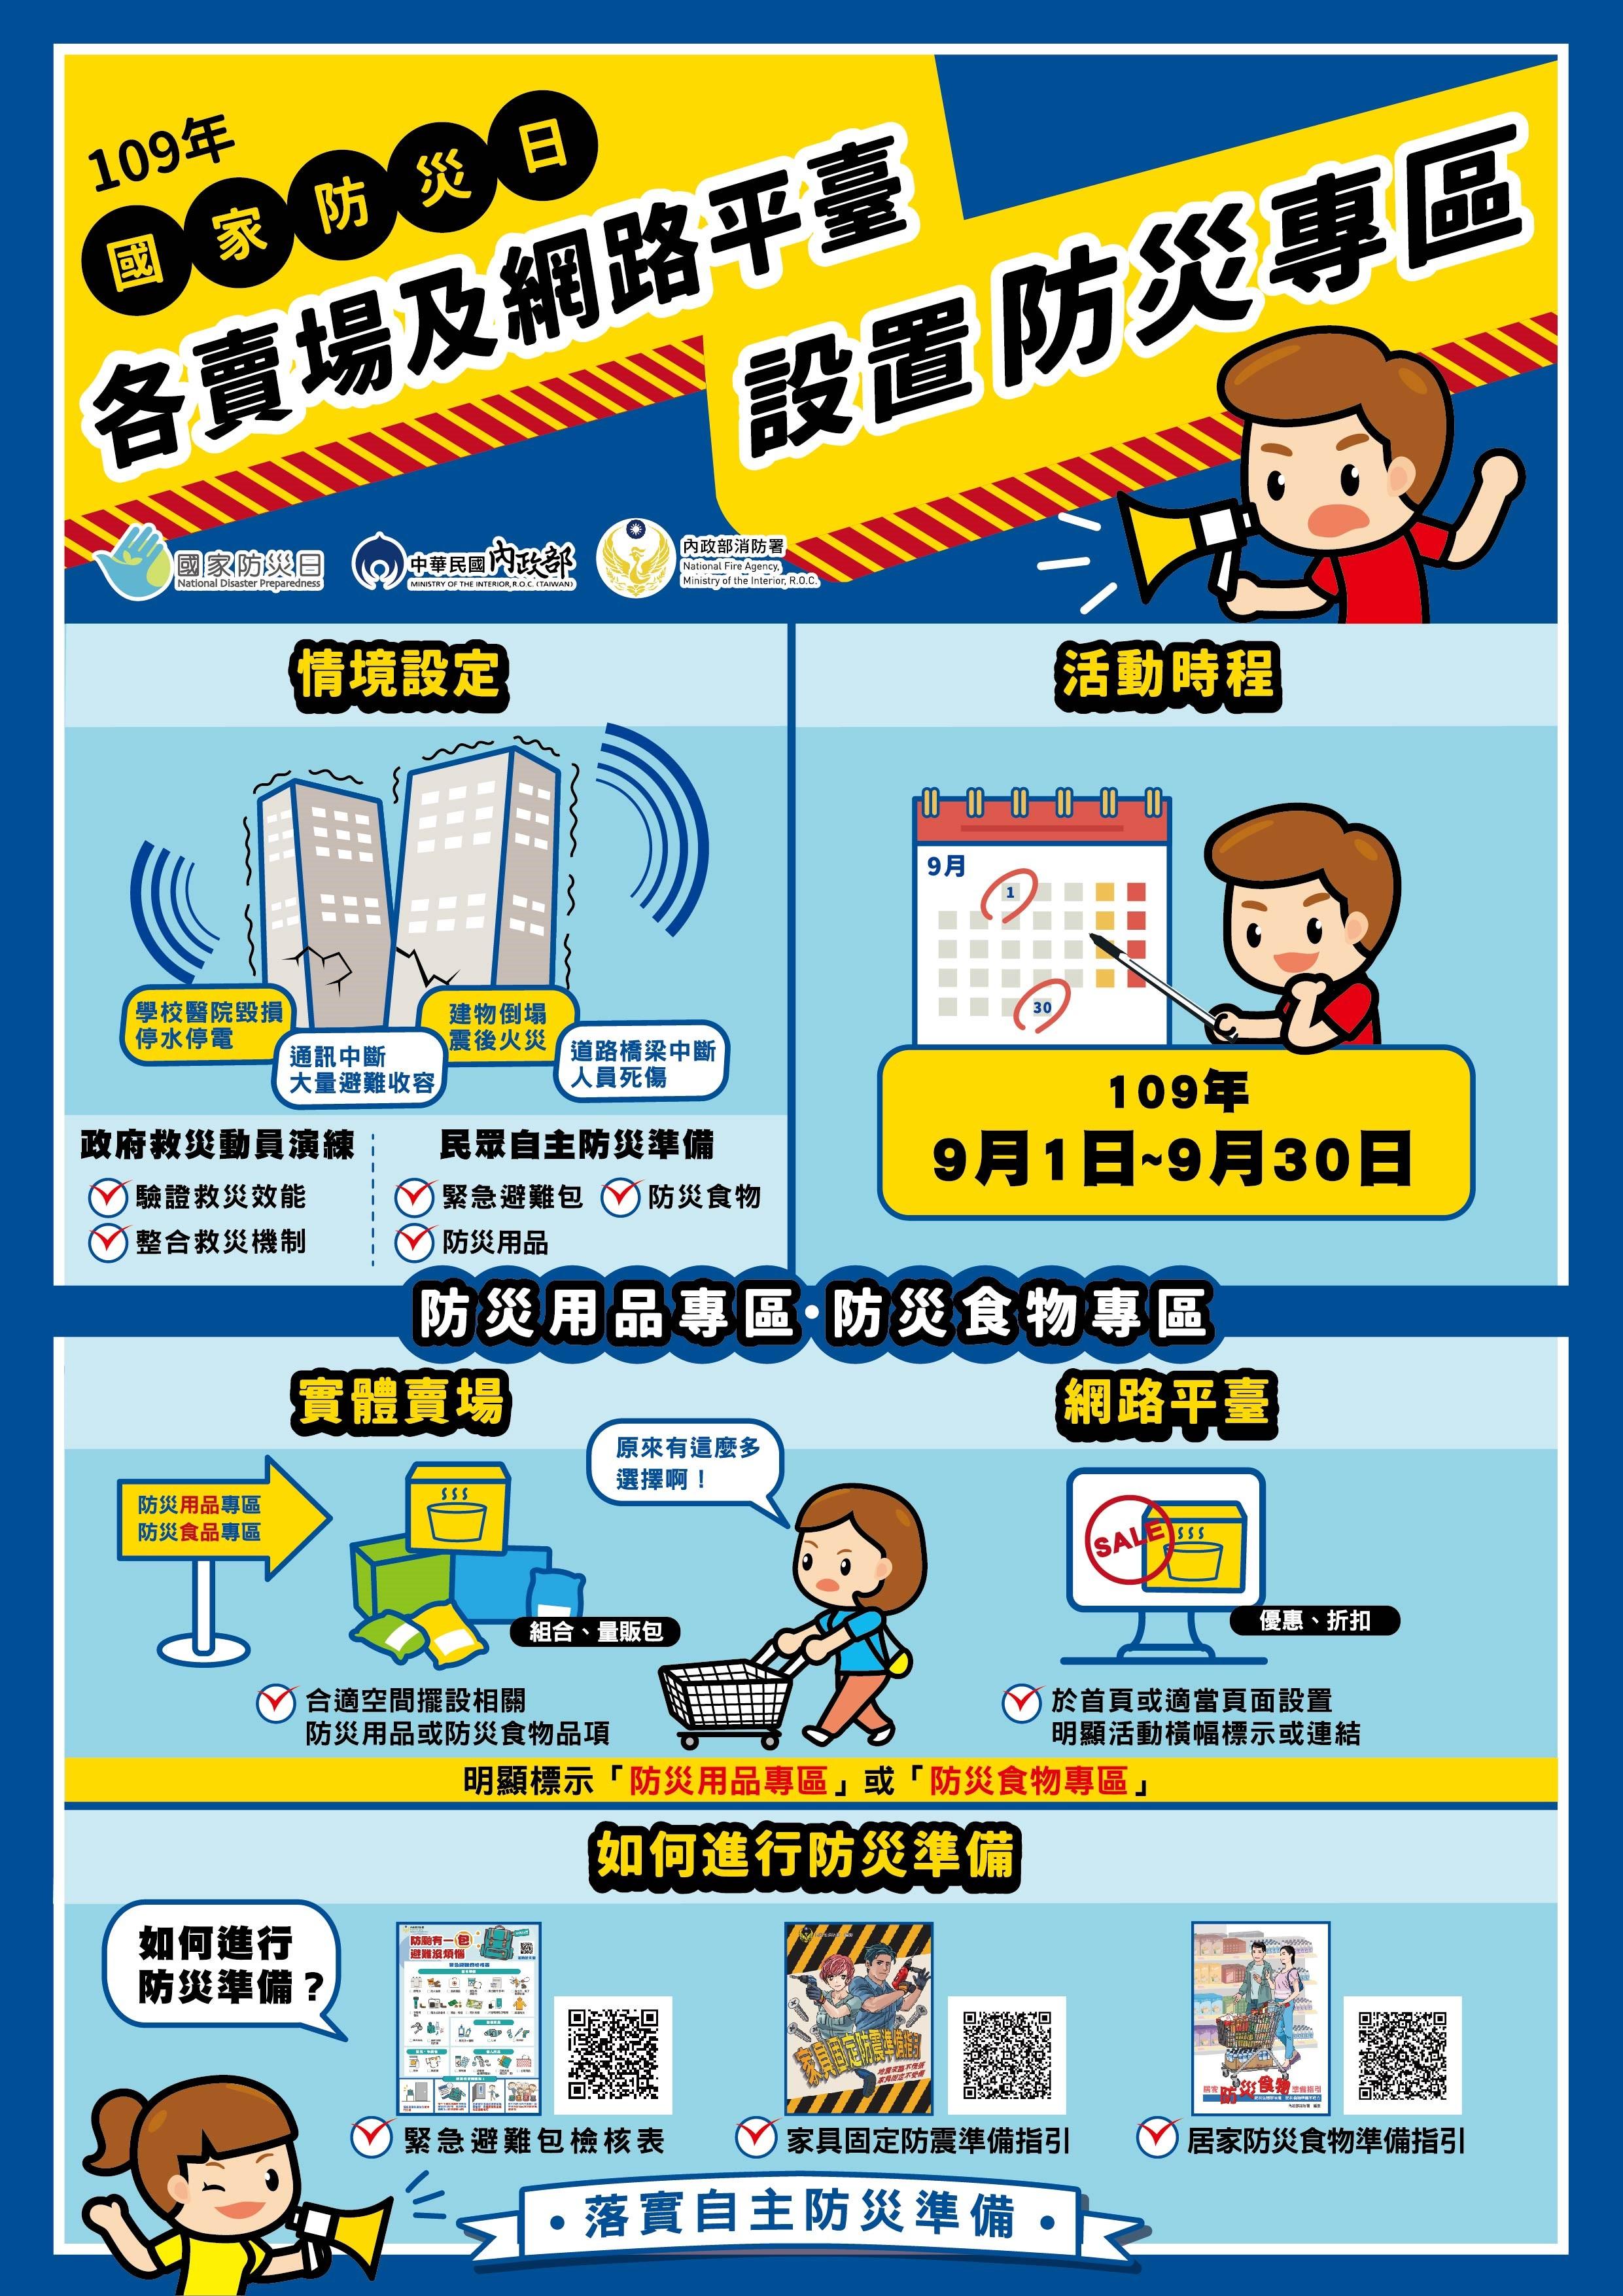 各賣場及網路平台設置防災專區